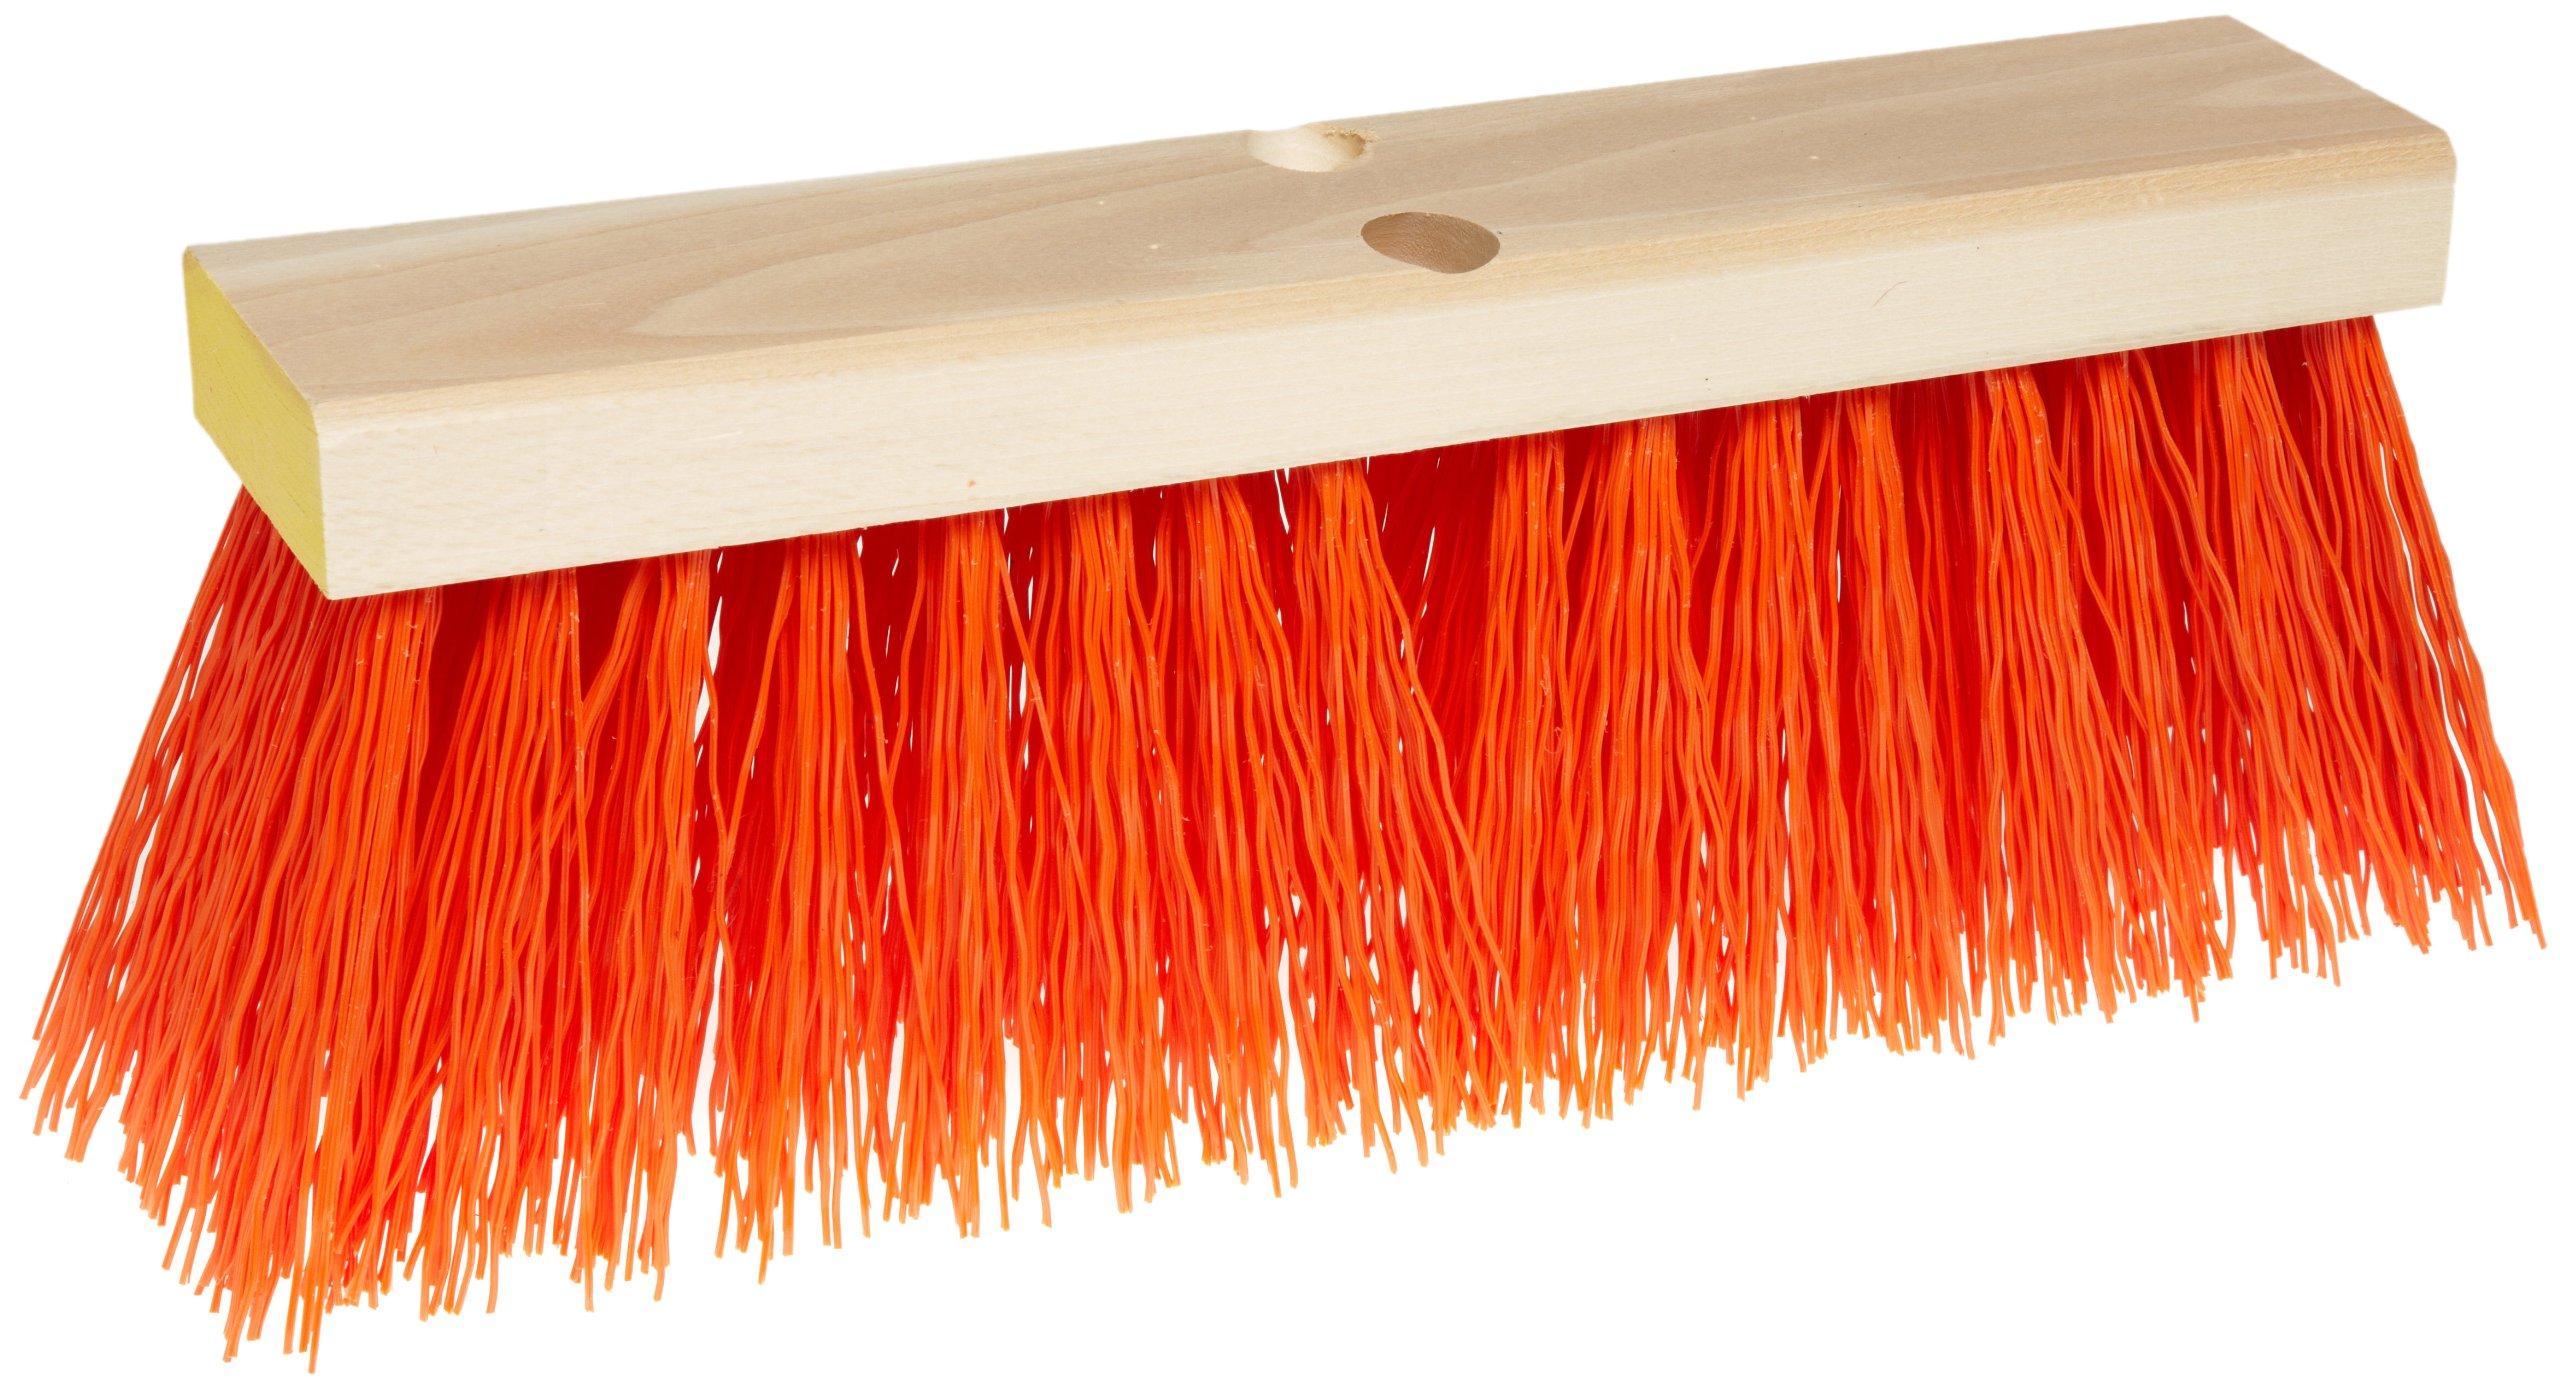 Weiler 70212 Polypropylene Street Broom, 16'' Overall Length, Natural